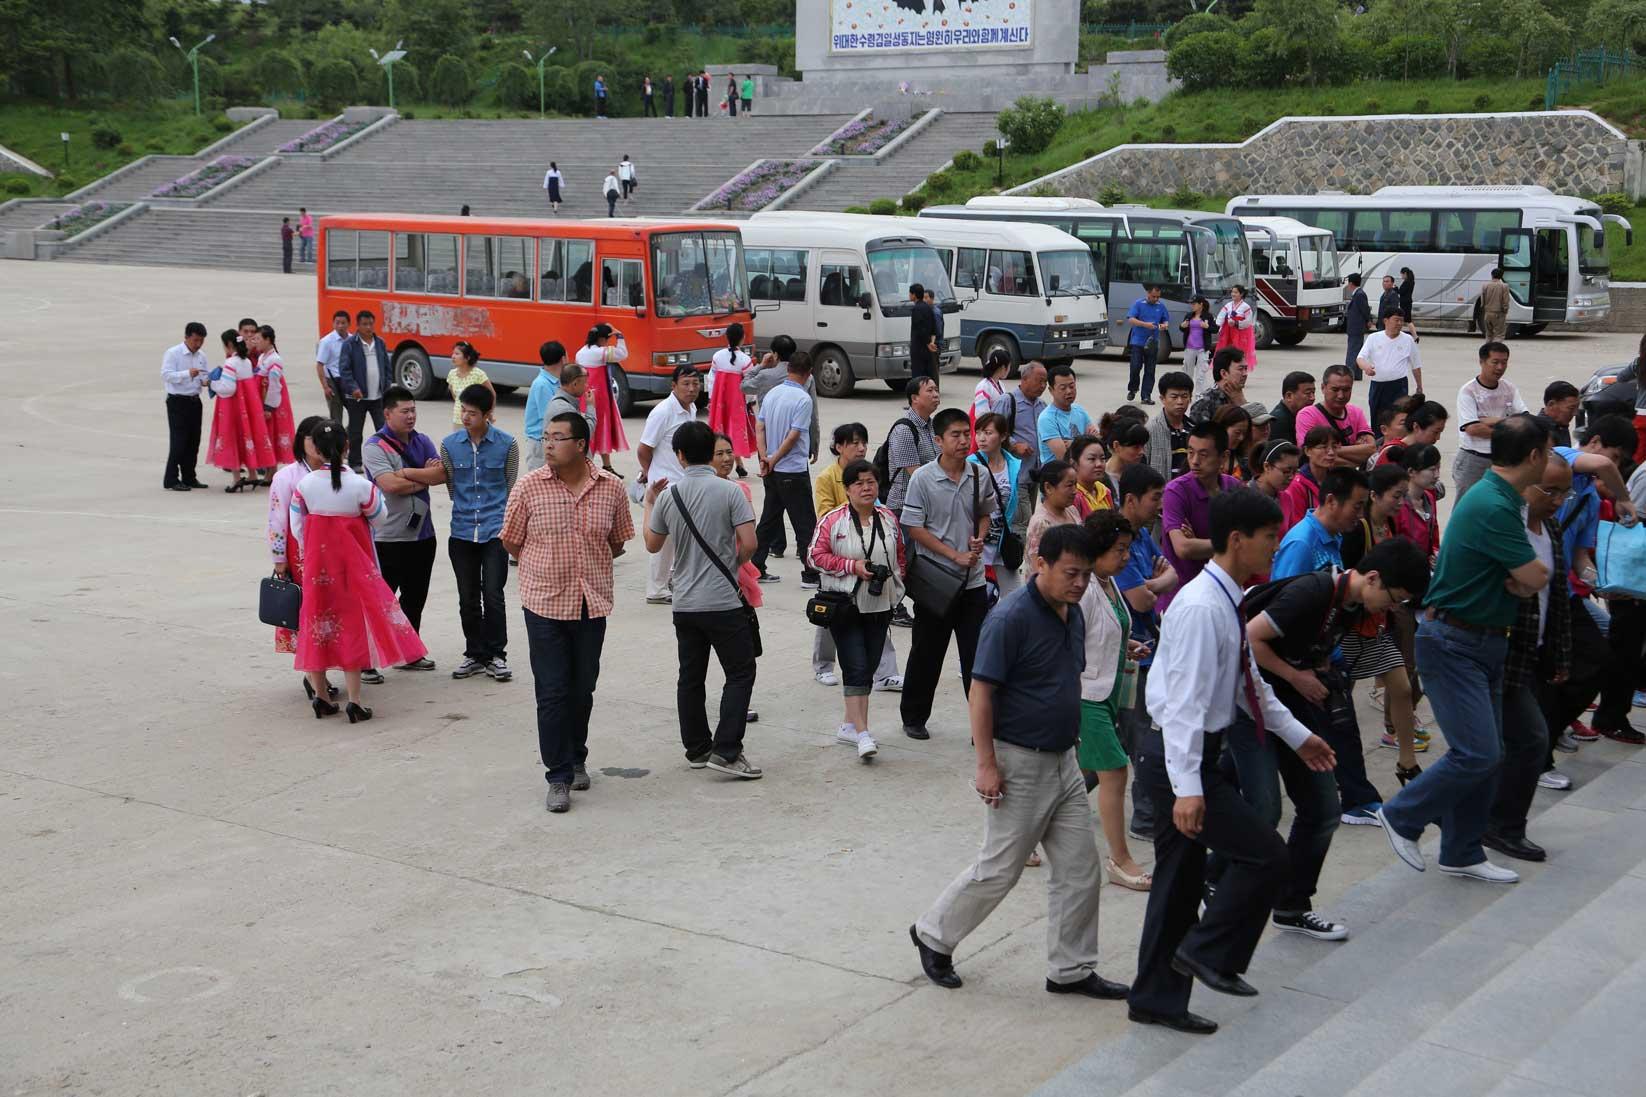 羅先(北朝鮮)で見かけた中国人観光客たち_b0235153_16205243.jpg